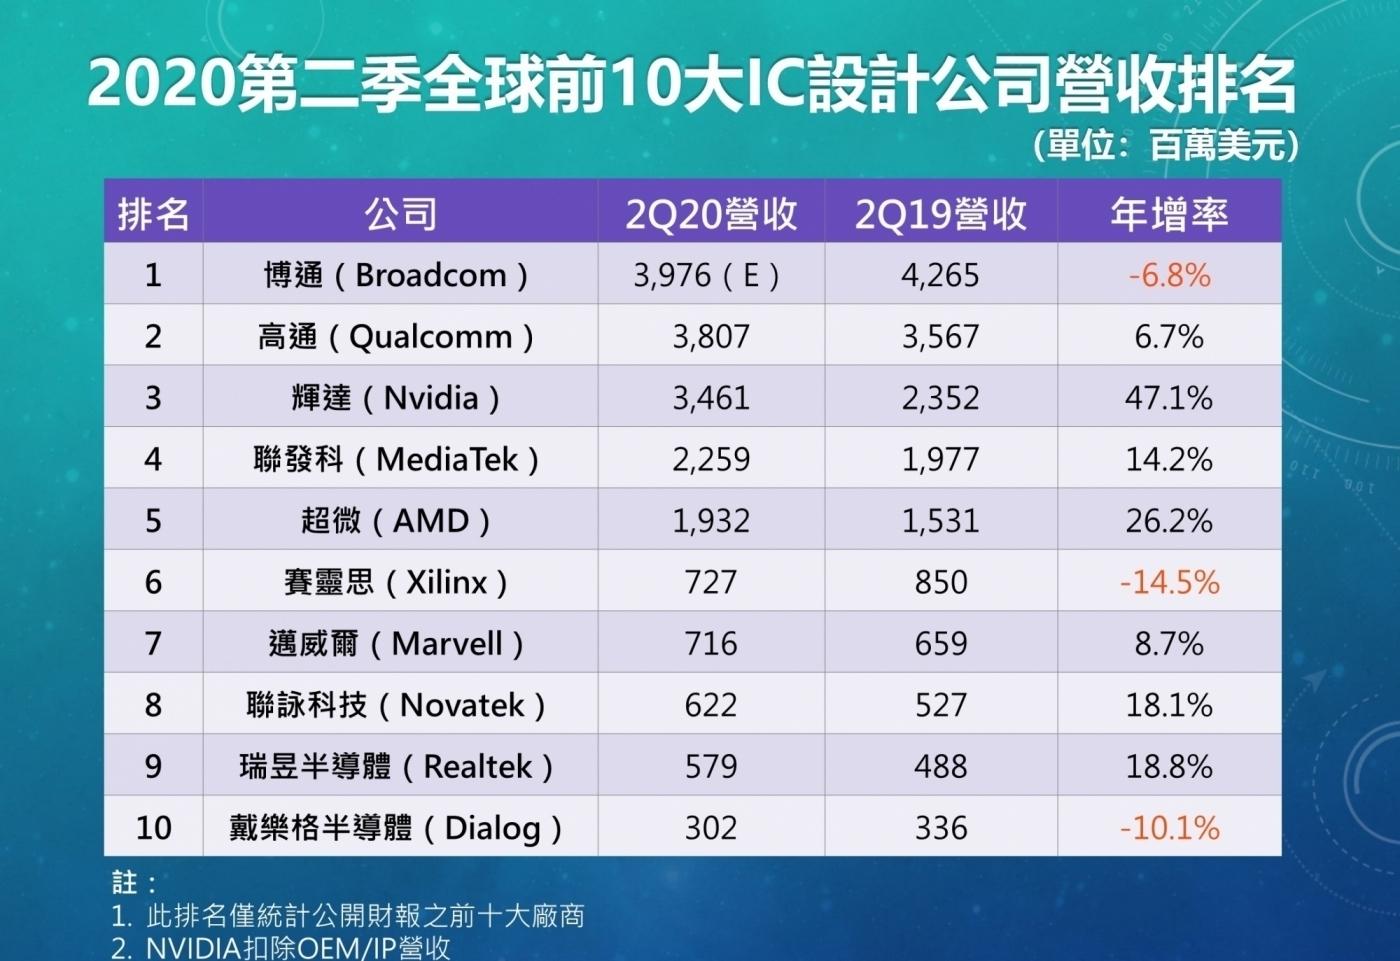 全球前十大IC公司營收排名出爐!博通奪冠超車高通近50億元,但年營收仍衰退